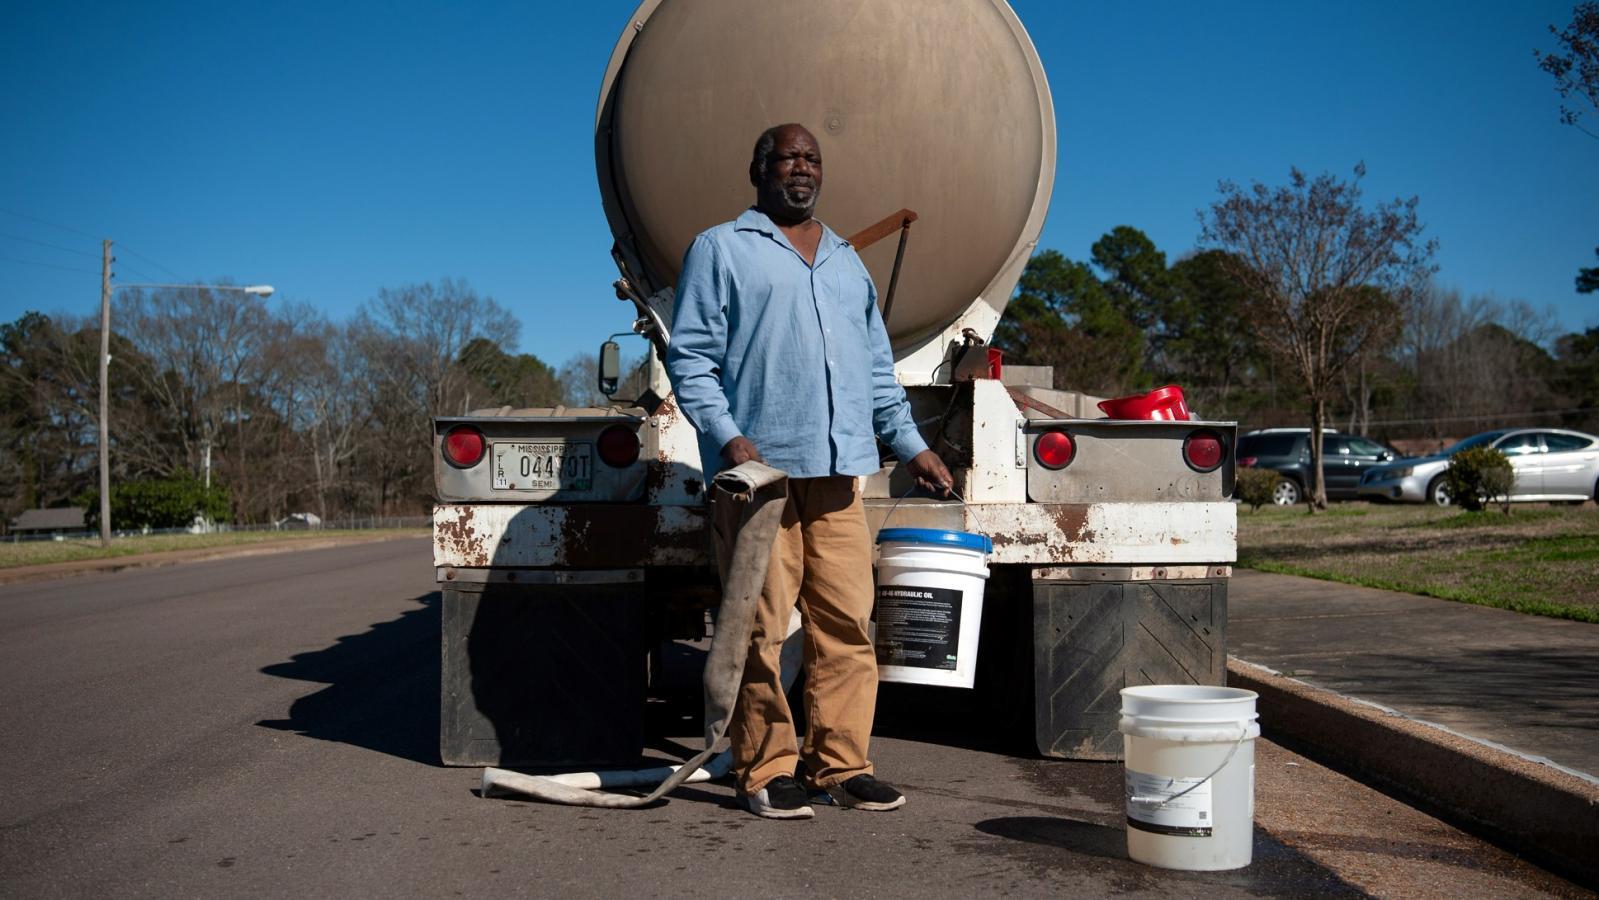 Sněhová bouře způsobila dlouhodobý výpadek v dodávkách vody ve městě Jacksonv, v hlavním a zároveň nejlidnatějším městě amerického státu Mississippi